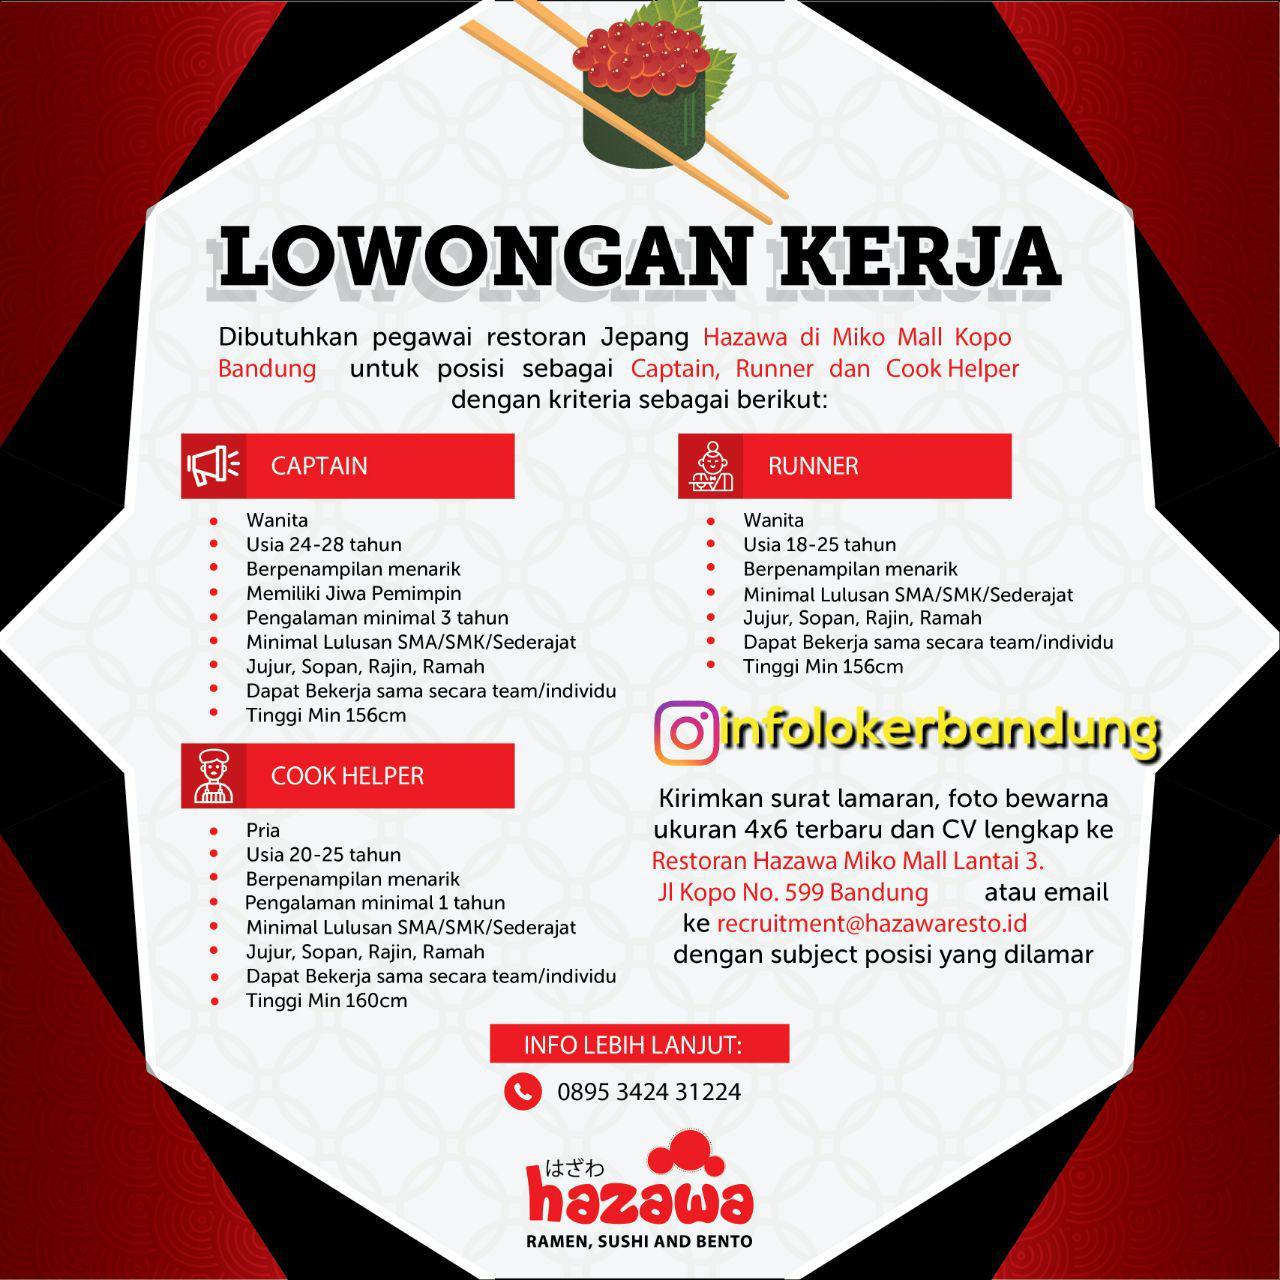 Lowongan Kerja Hazawa Restoran Jepang Bandung November 2017